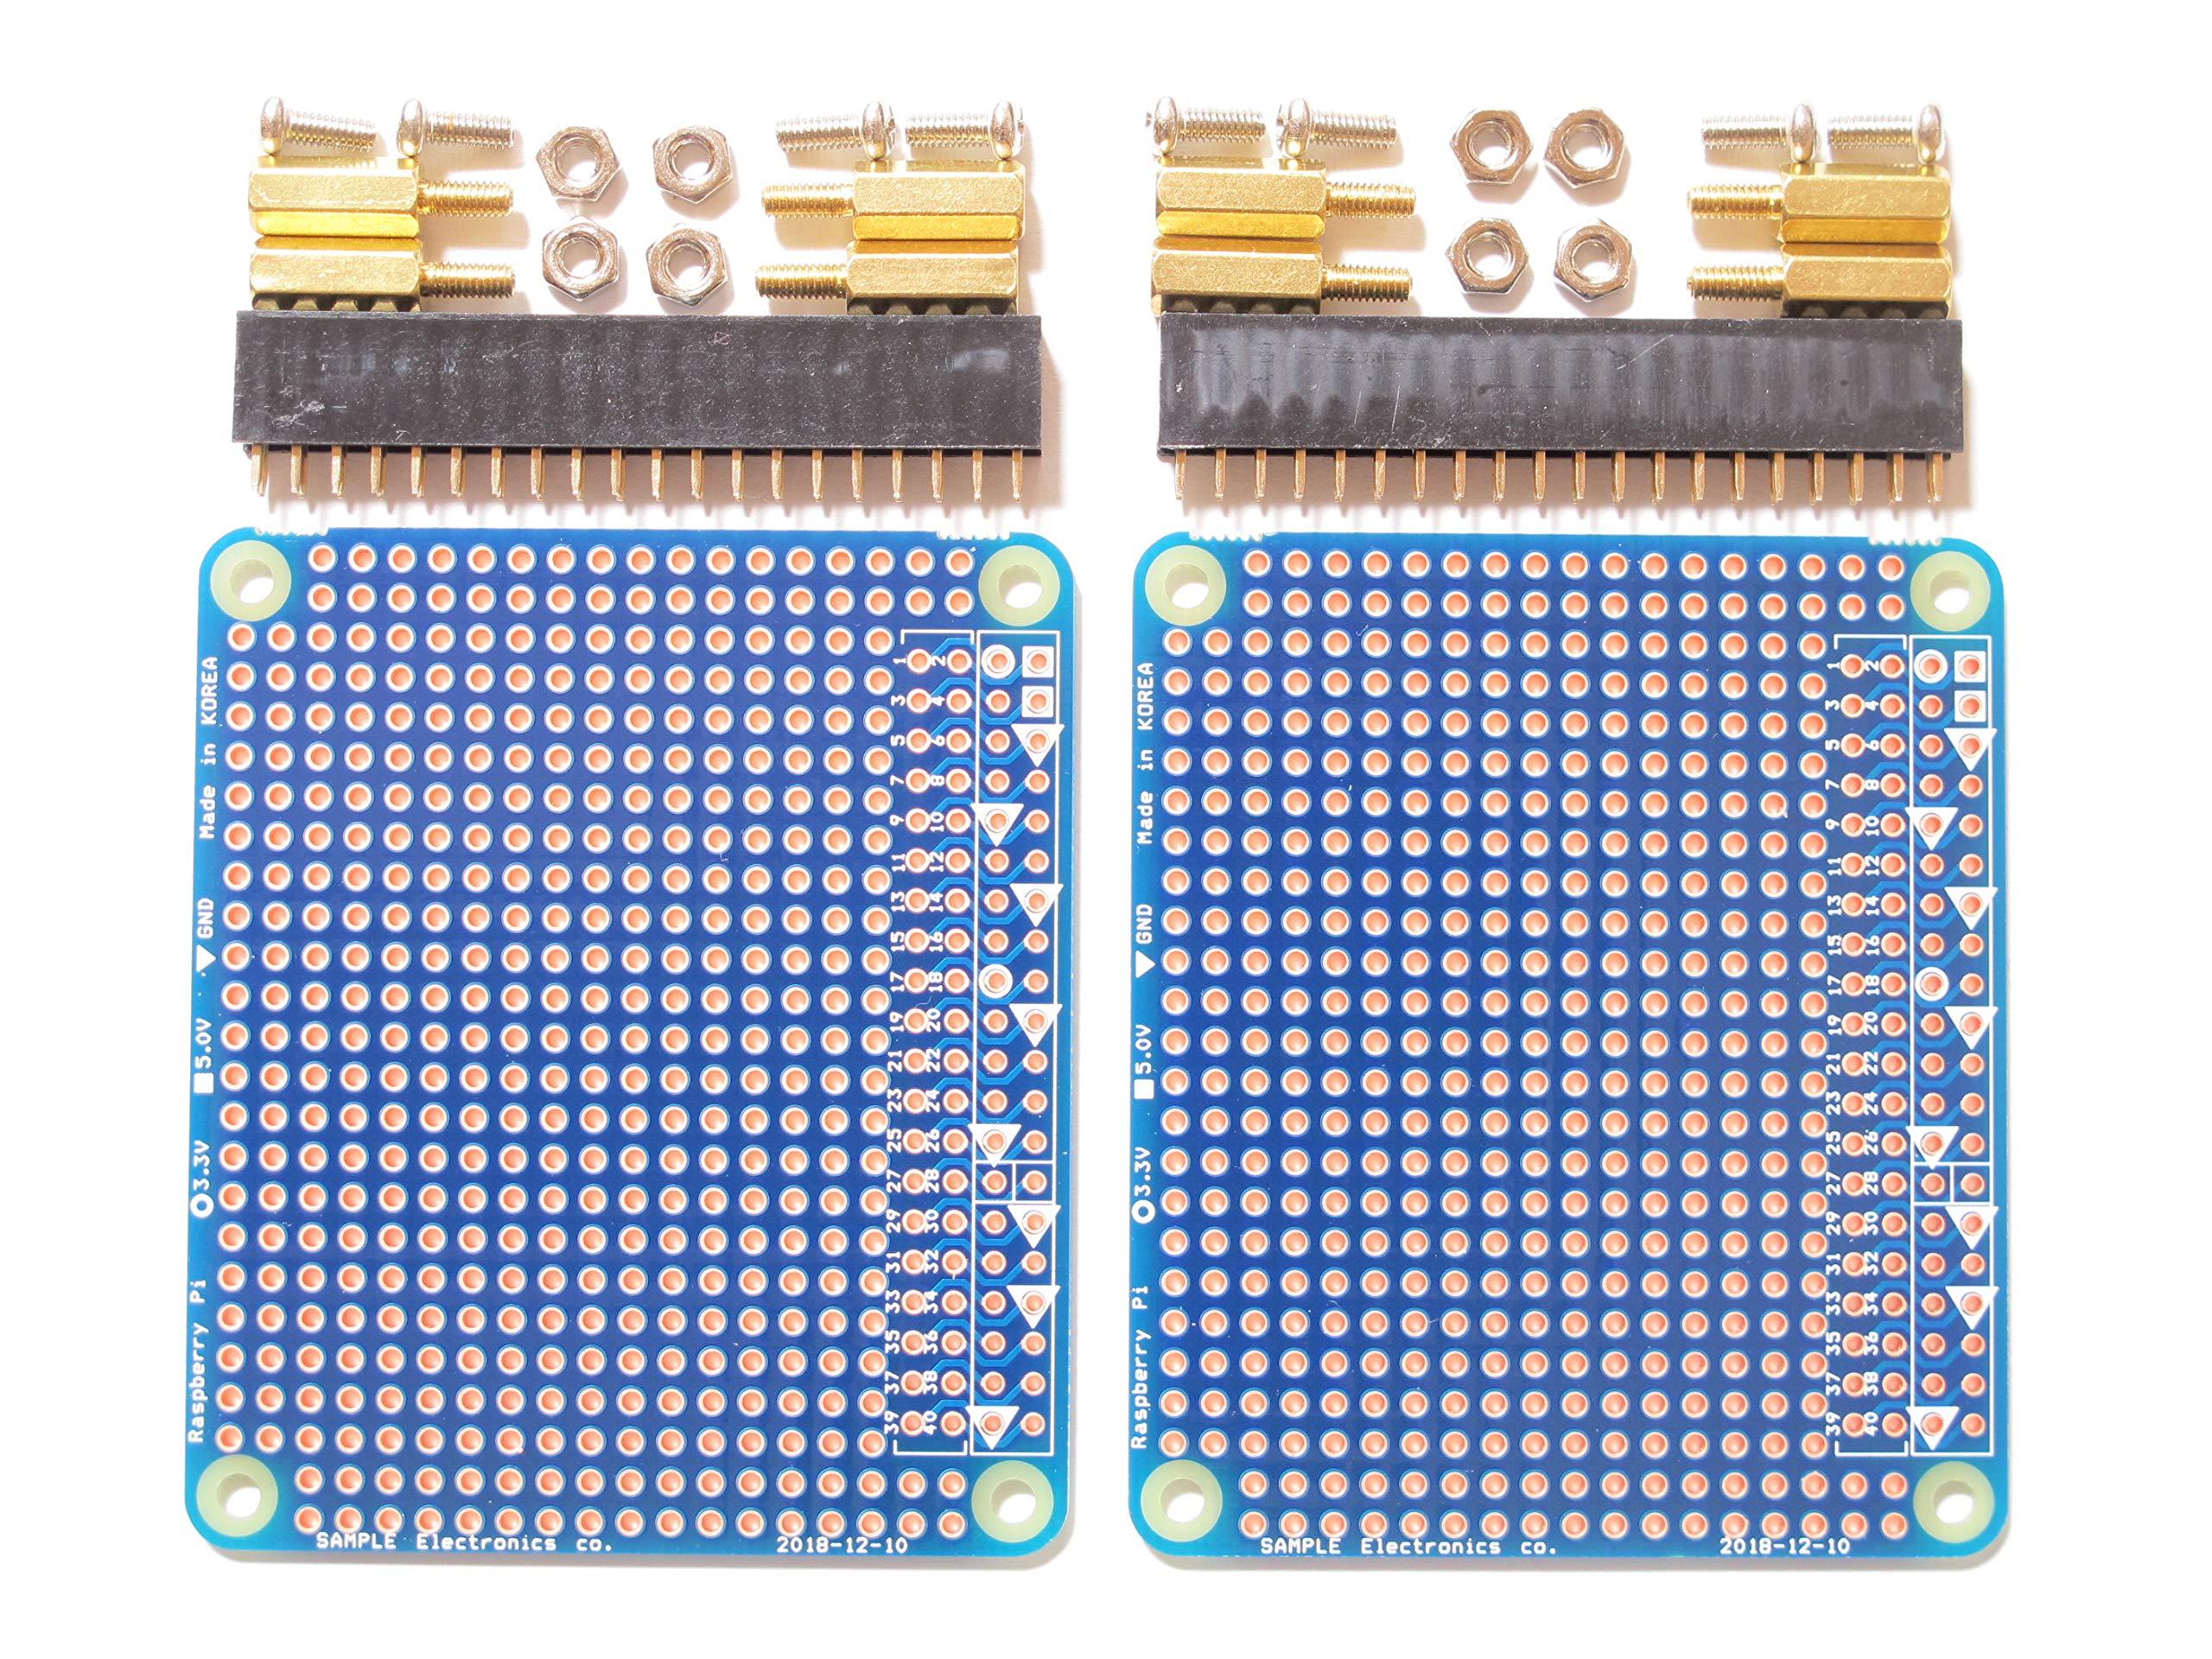 Sample 2X Prototype Breakout PCB Shield/Hat Board Kit for Raspberry Pi 3 2 B+ DIY [SE-RPiPSTx2]